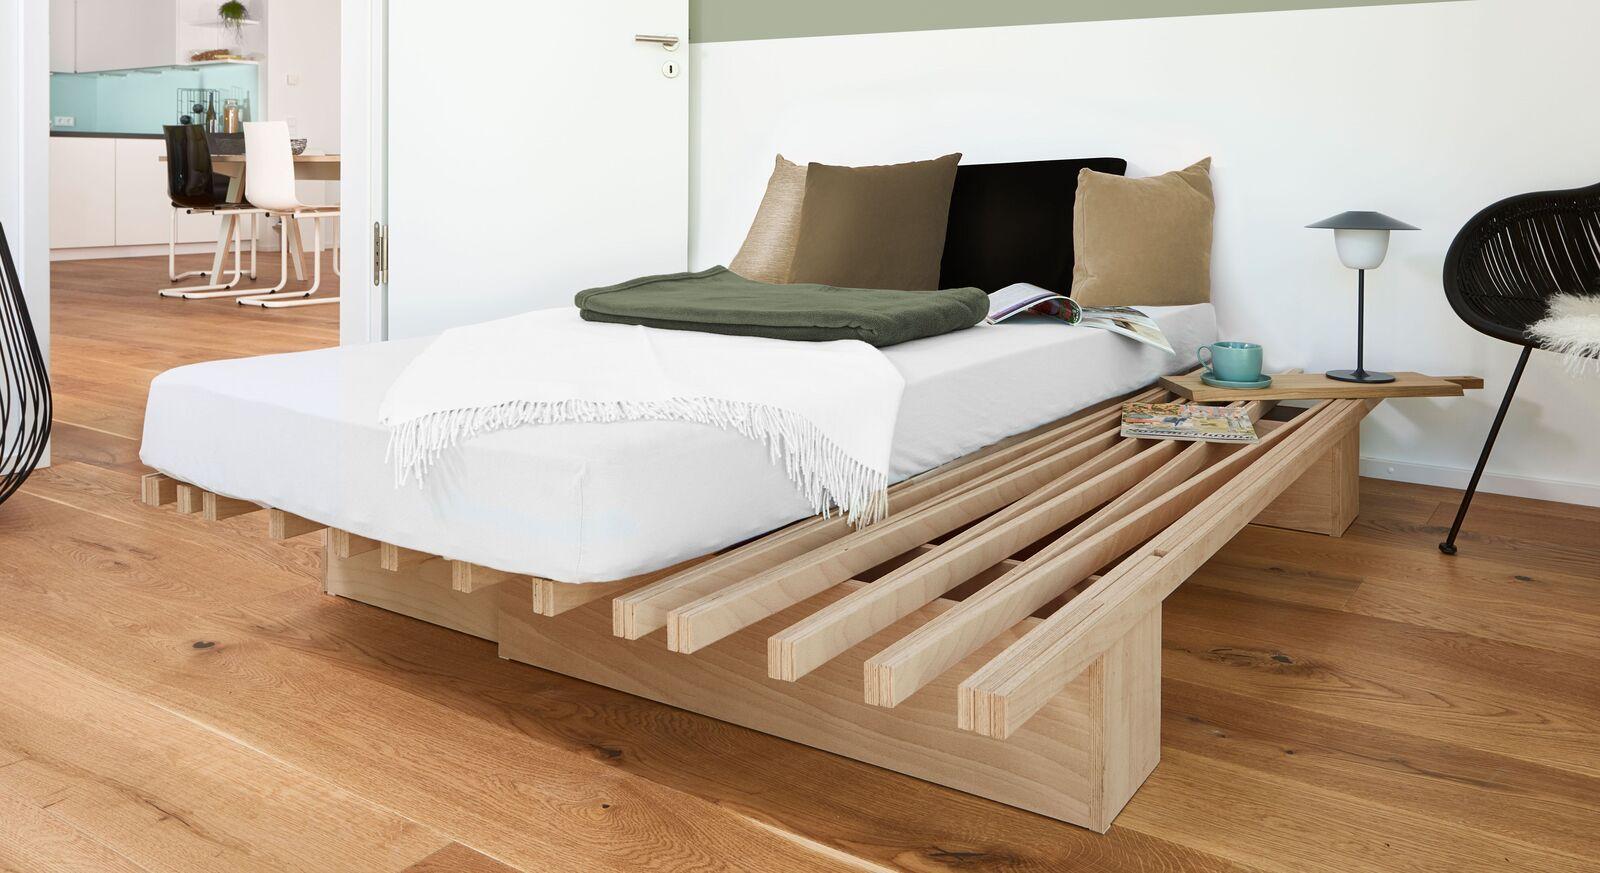 Bettsystem Tojo V vielseitig nutzbar